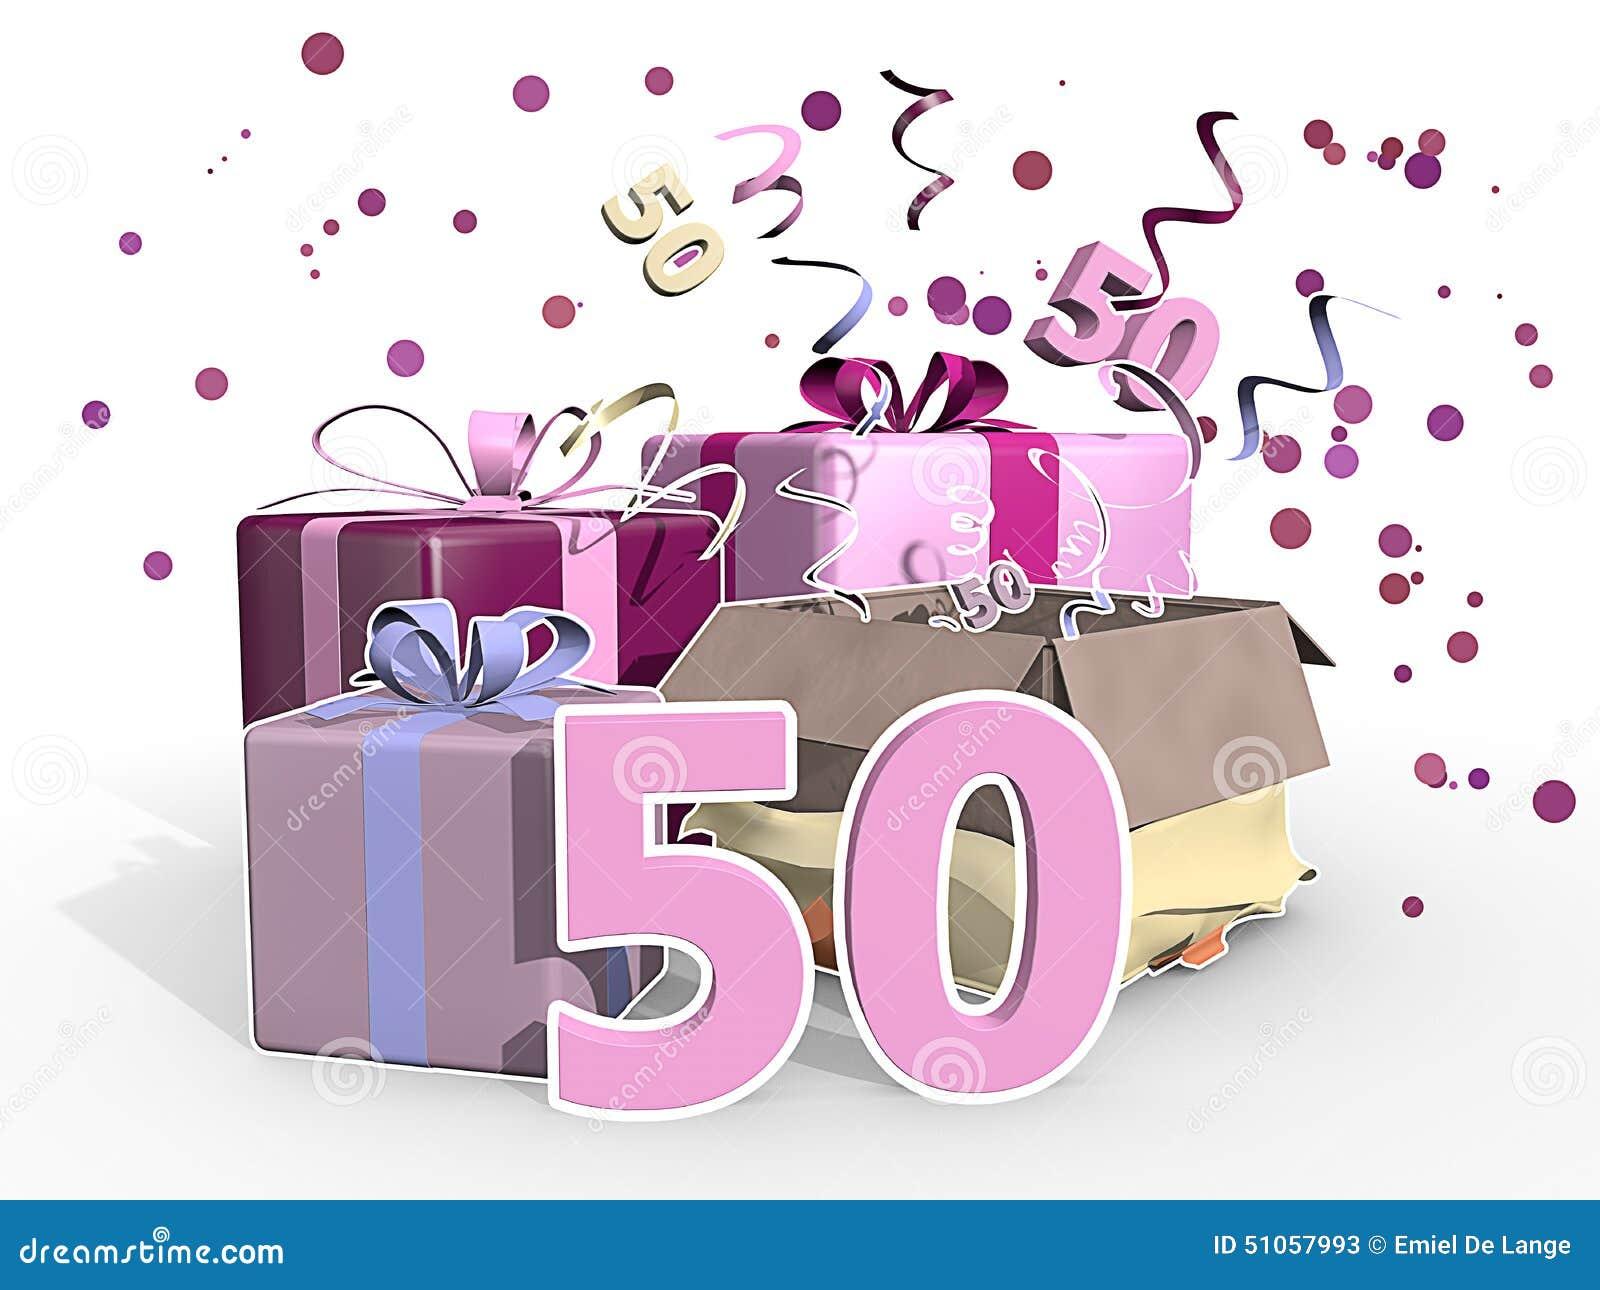 50ste verjaardag vrouw Een Illustratie Van Stelt Voor Een Vrouw Voor Die Haar 50ste  50ste verjaardag vrouw